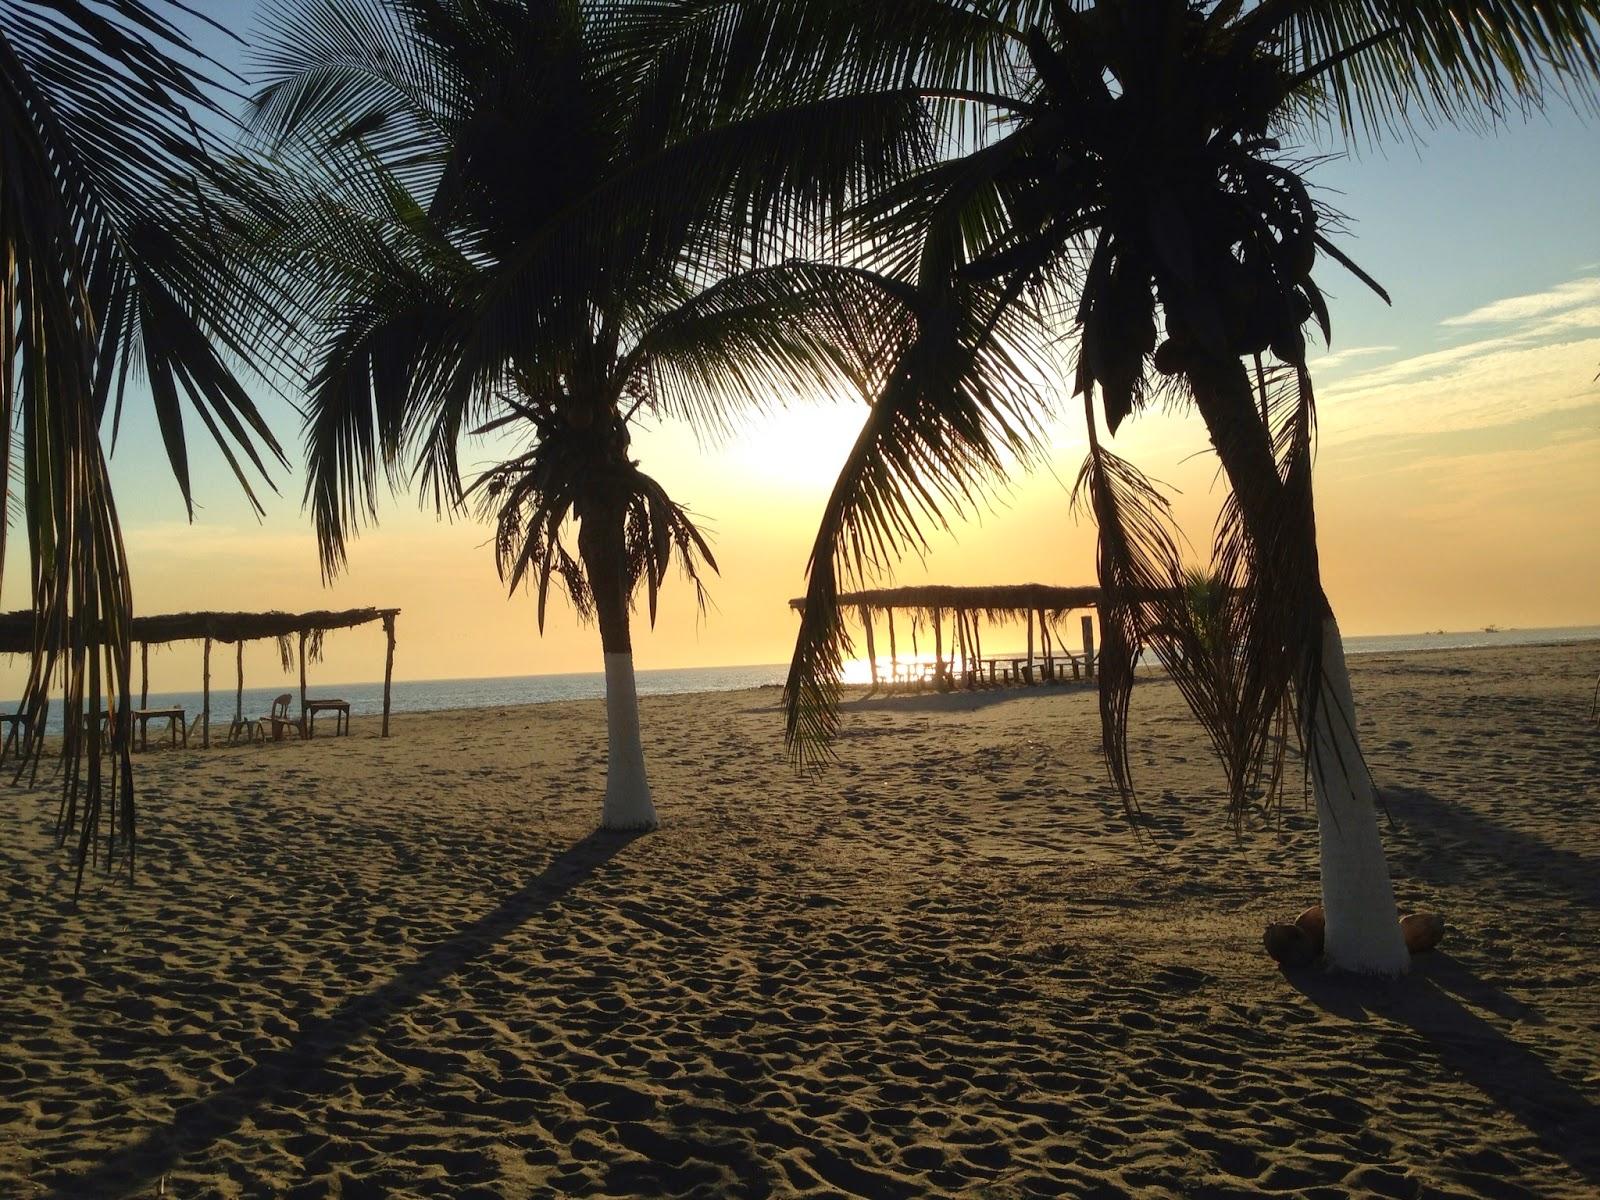 Vista de un atardecer en las playas de Boca del Cielo